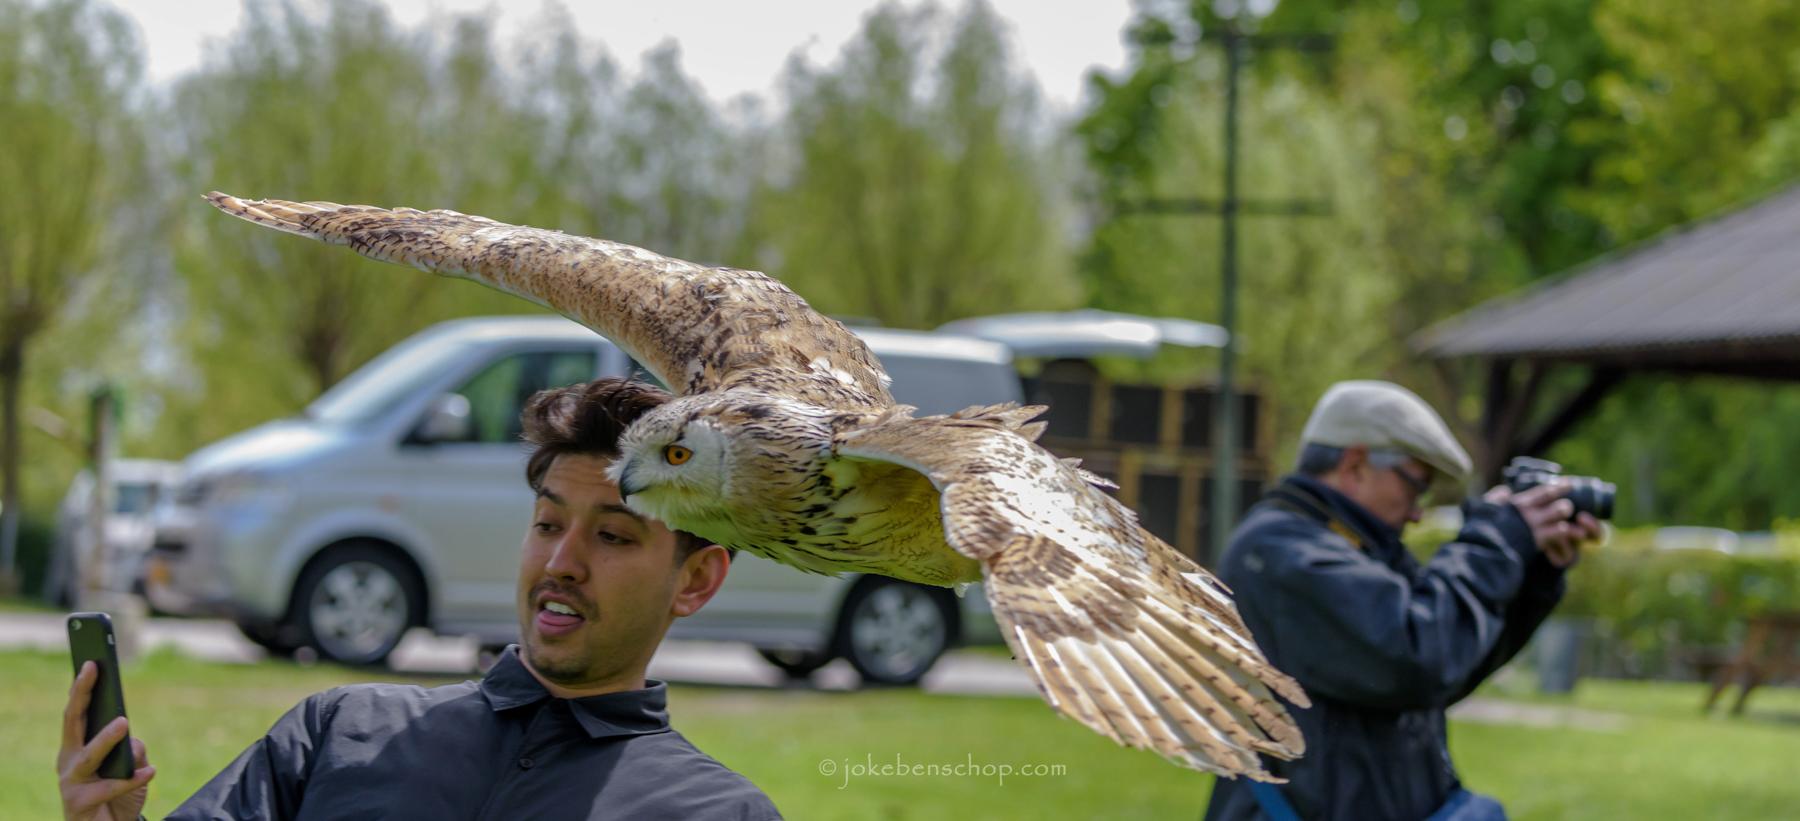 Siberische oehoe als vliegend model